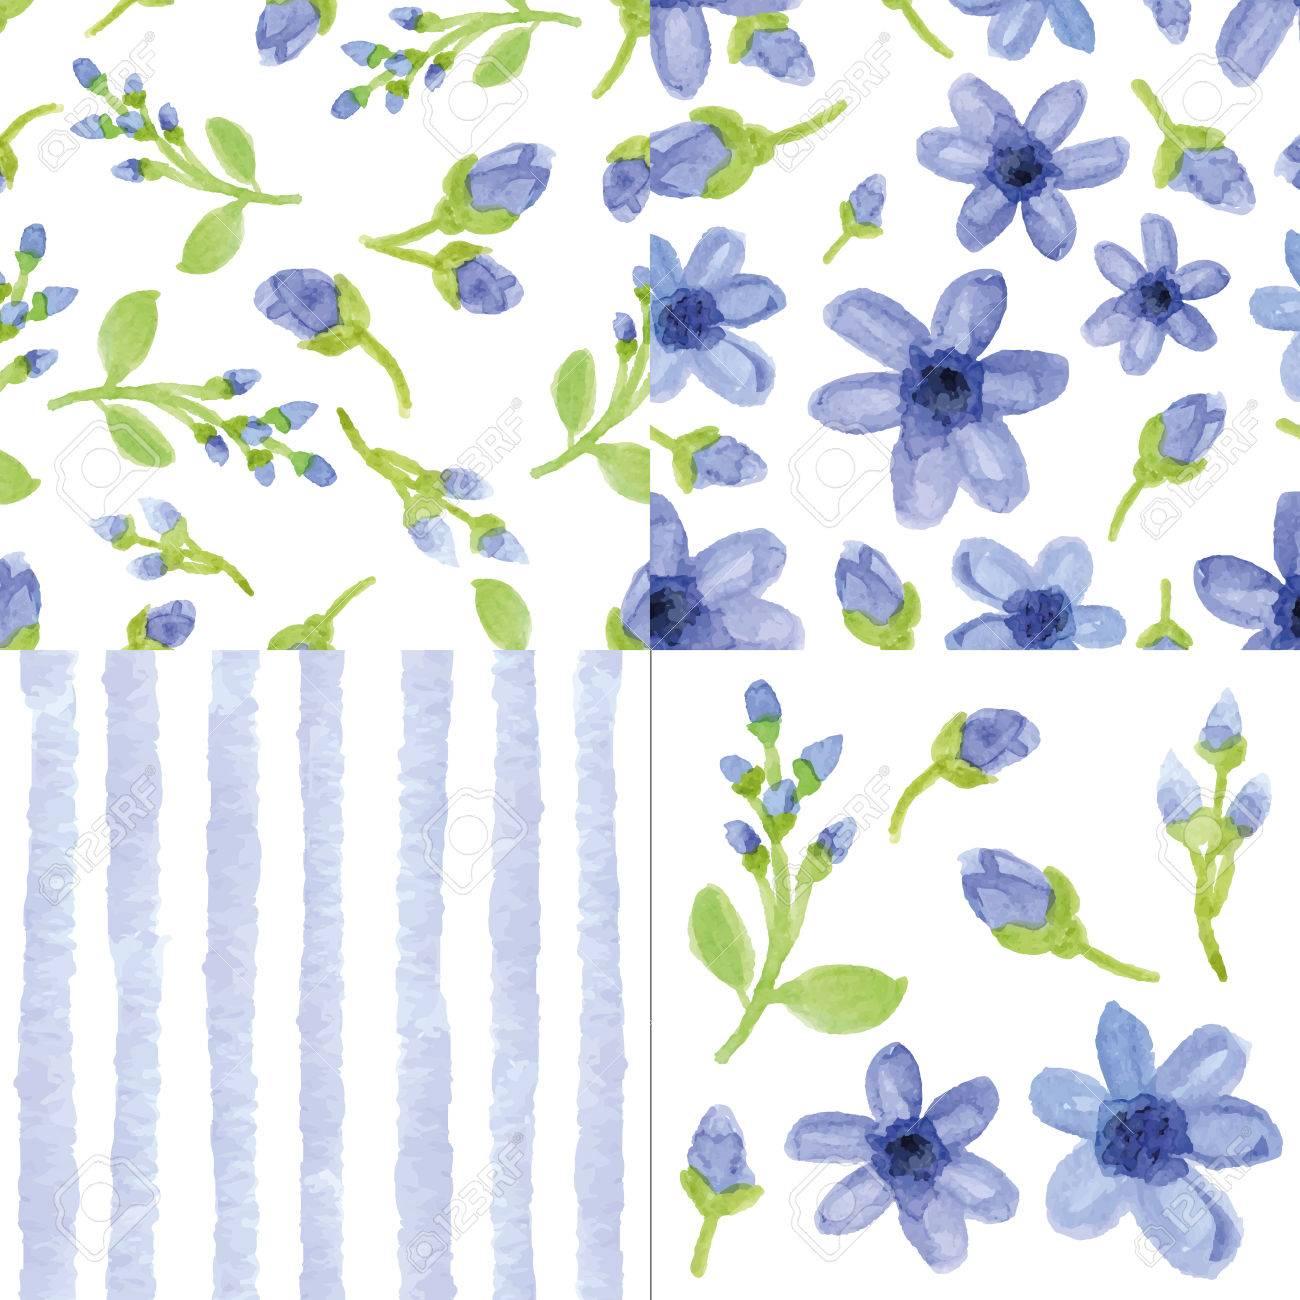 Acuarela Flores Azules Artisticas Bandas Ramas Florales Sin Patron